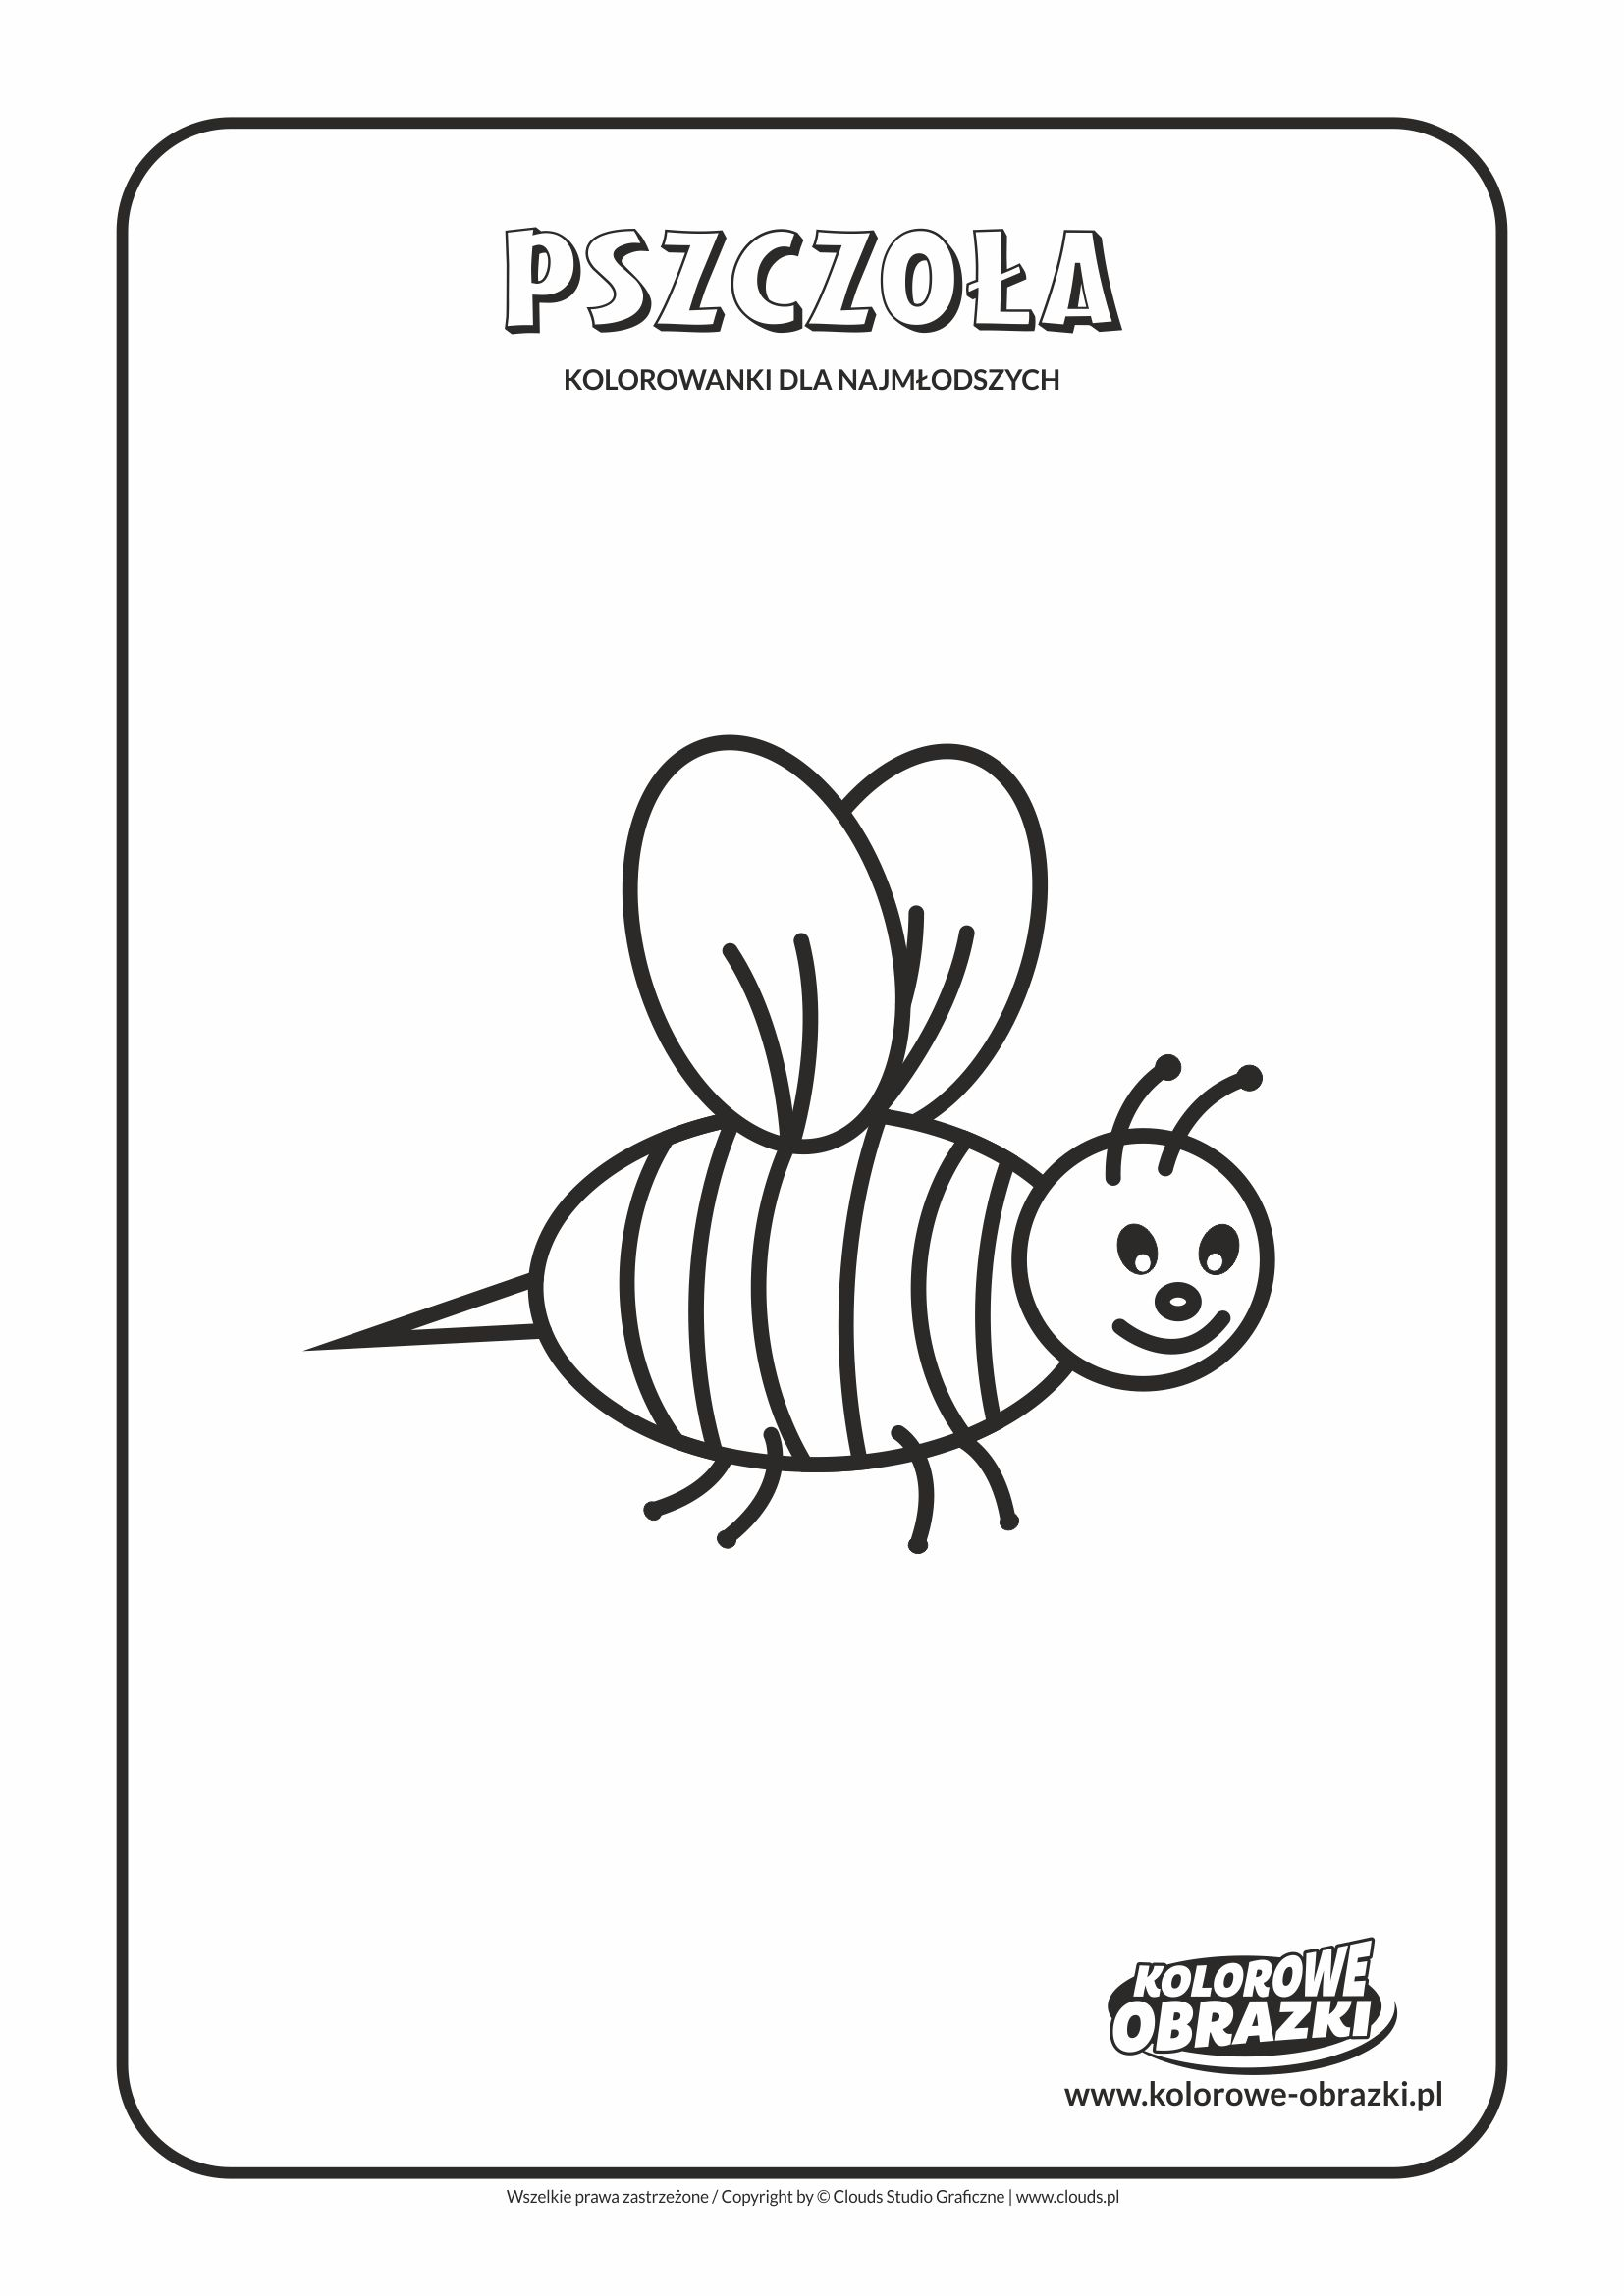 Proste kolorowanki dla najmłodszych - Zwierzęta / Pszczoła. Kolorowanka z pszczołą